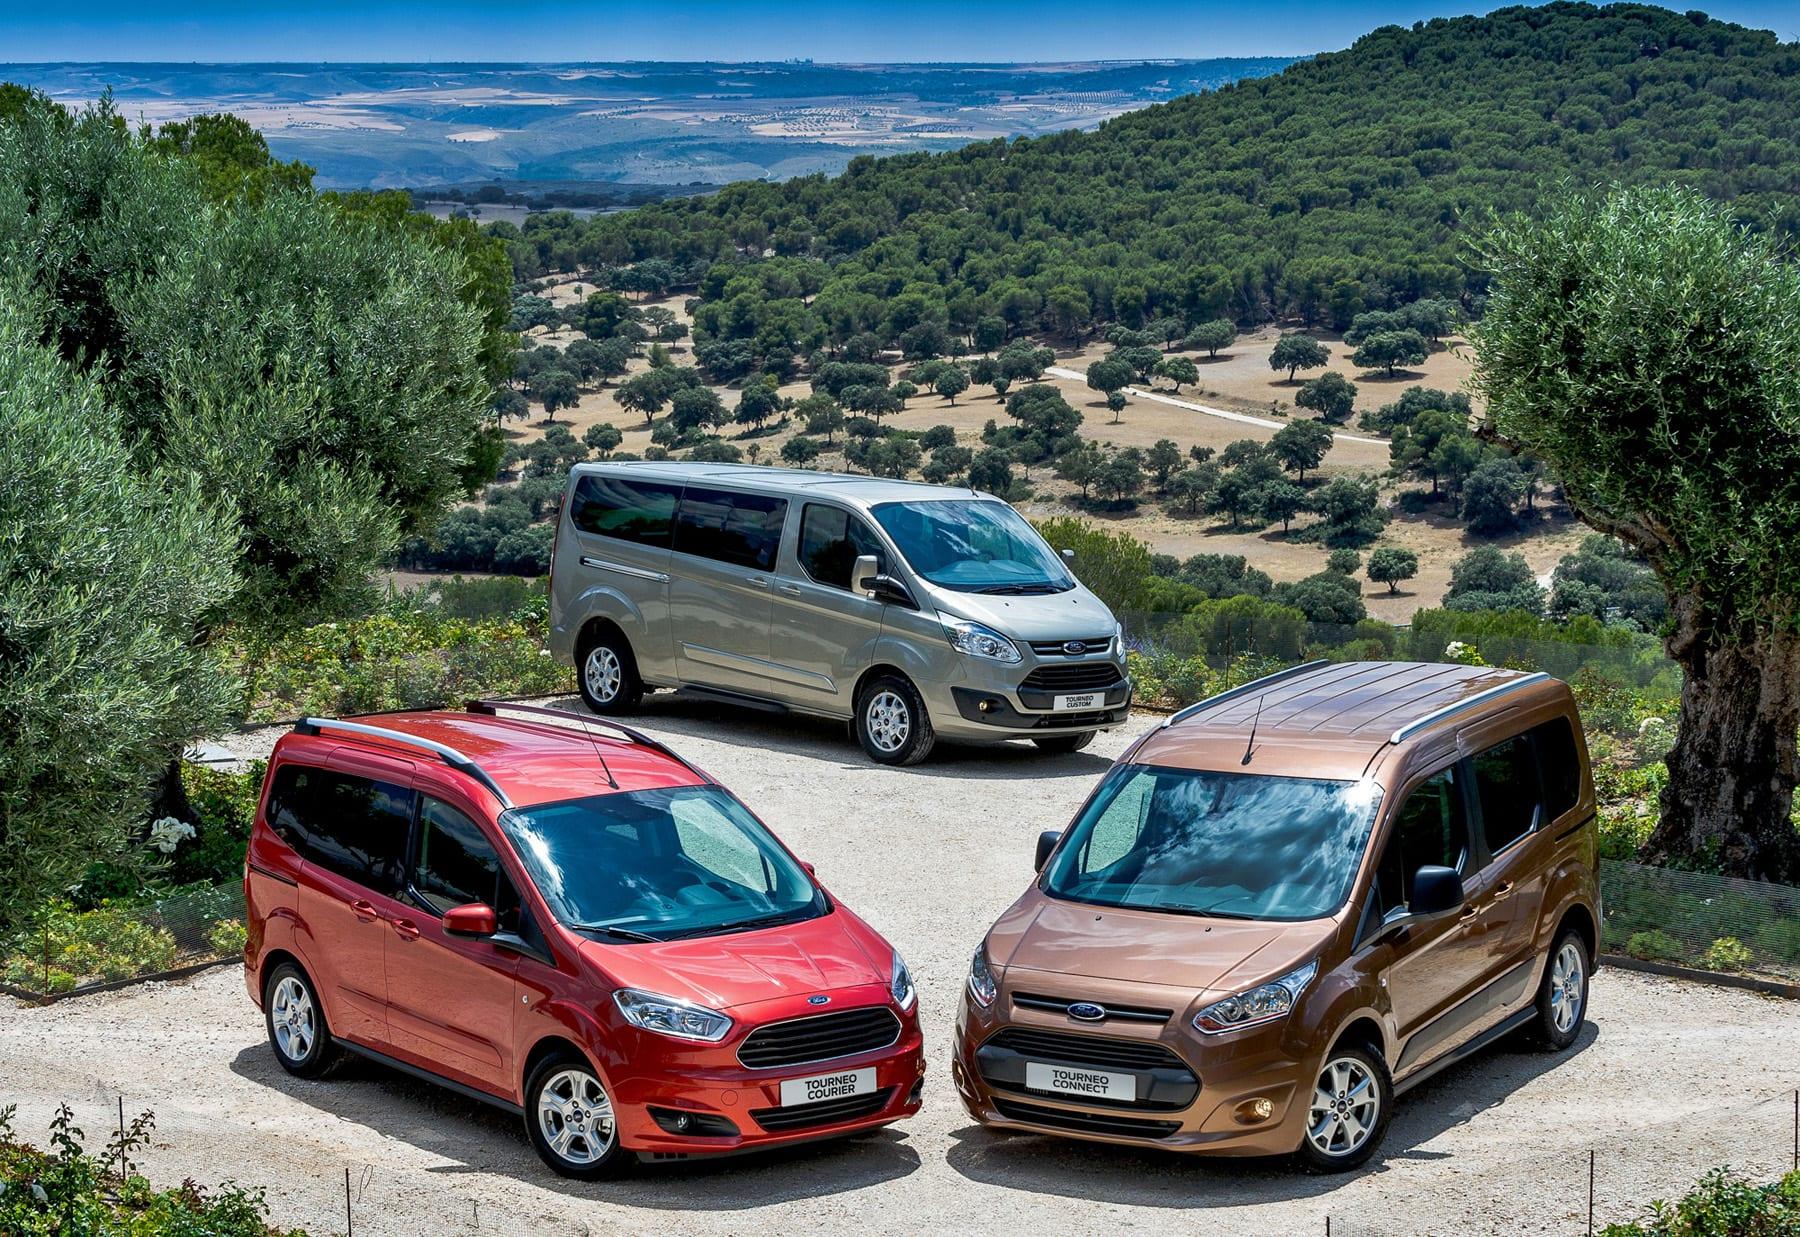 Ford Tourneo familia